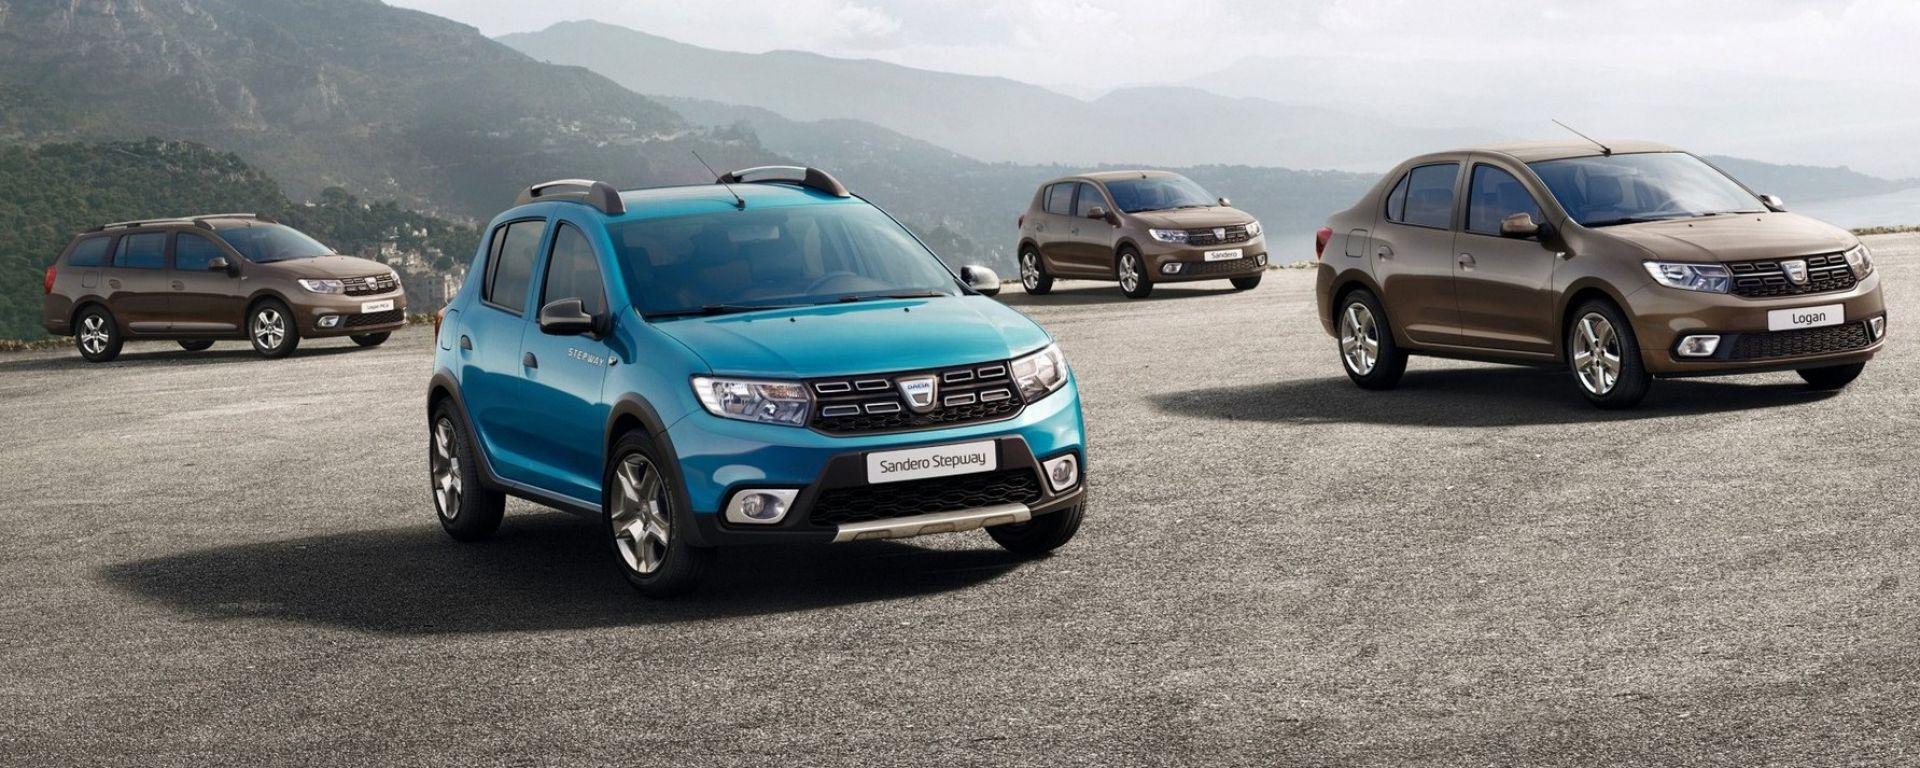 Dacia Sandero e Dacia Logan, restyling al Salone di Parigi